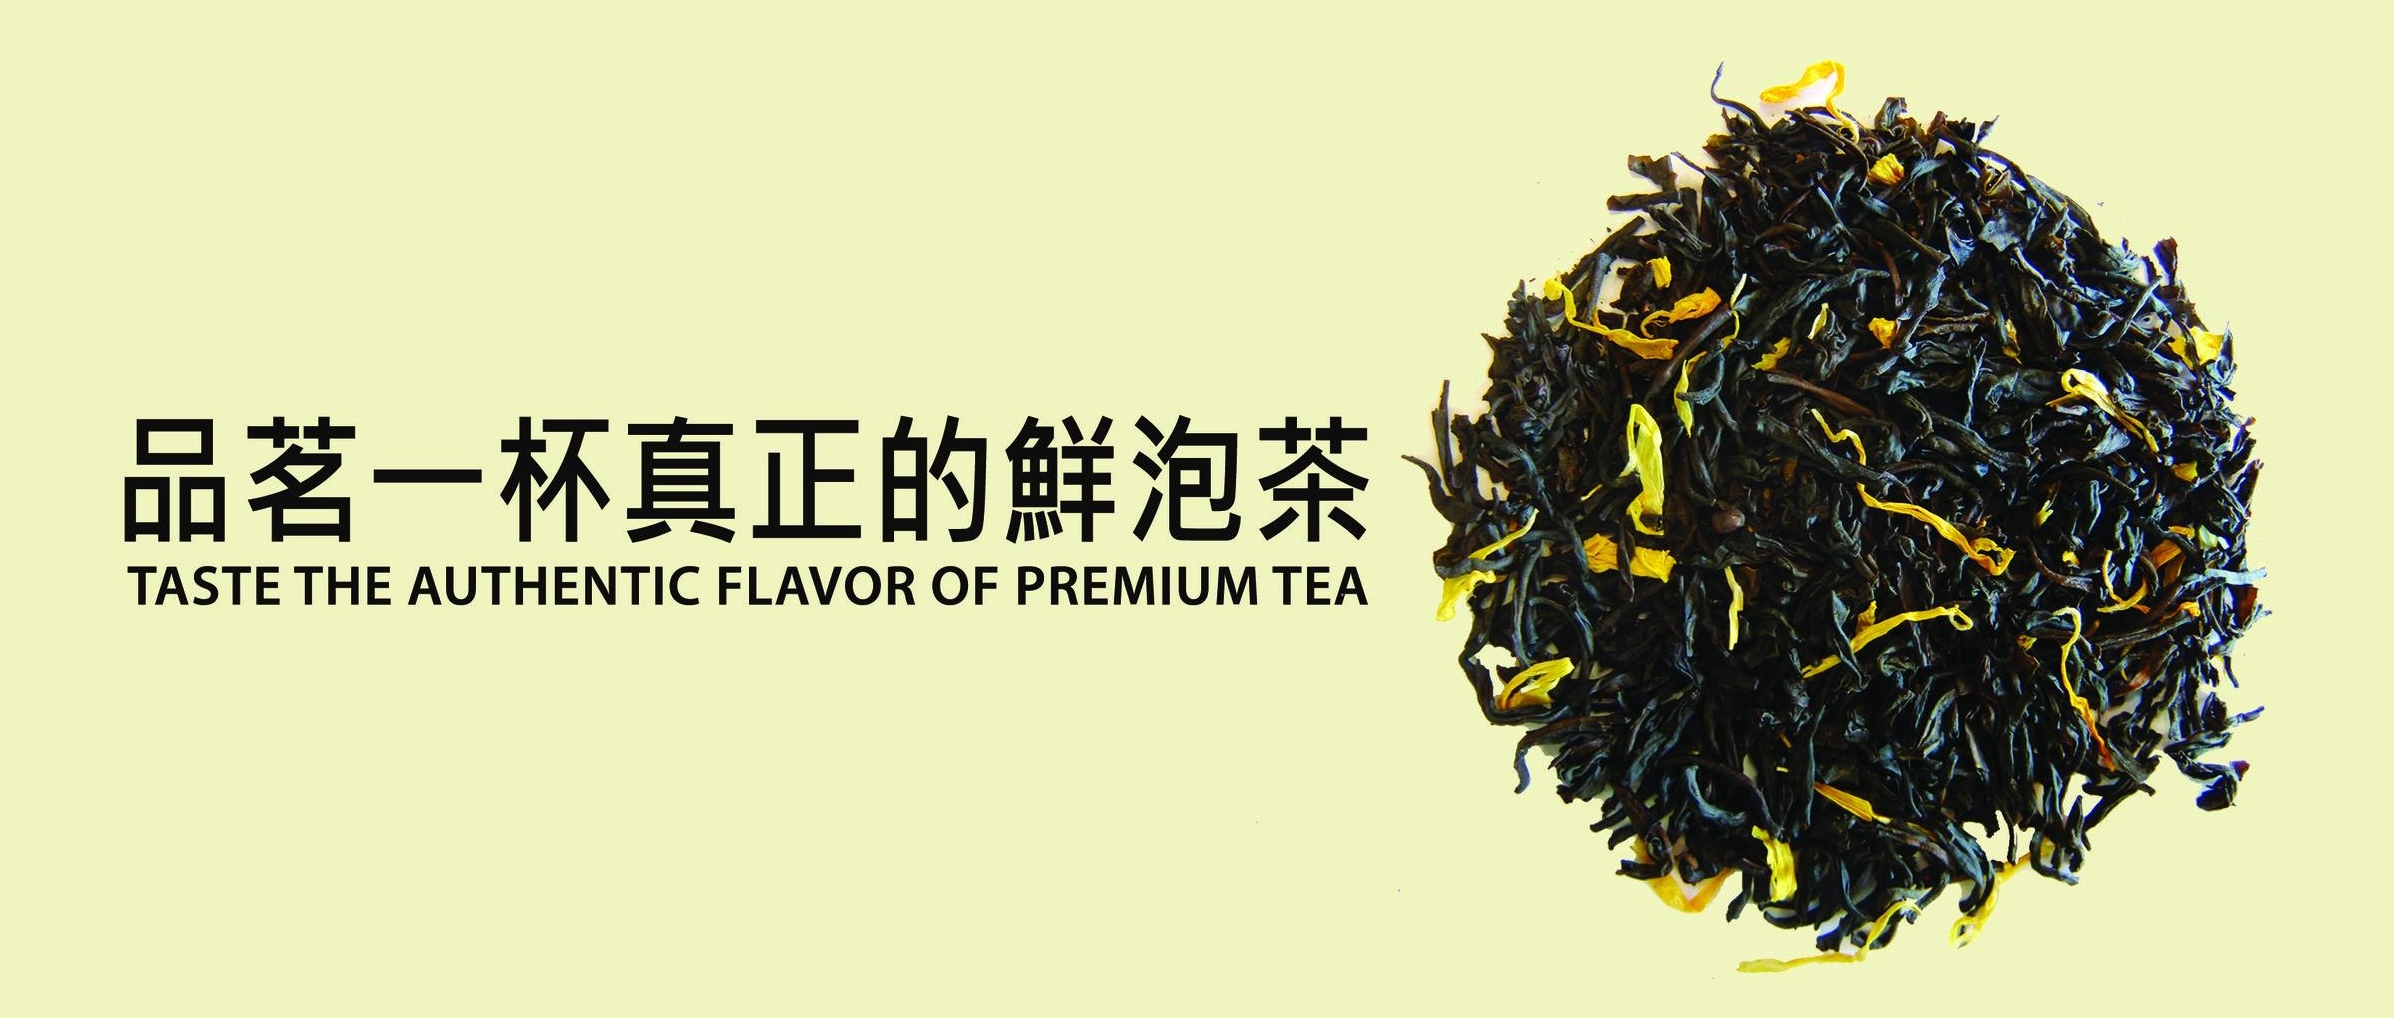 品茗一杯真正的鮮泡茶 with English 20hx30w CMYK 115dpi ver2.jpg